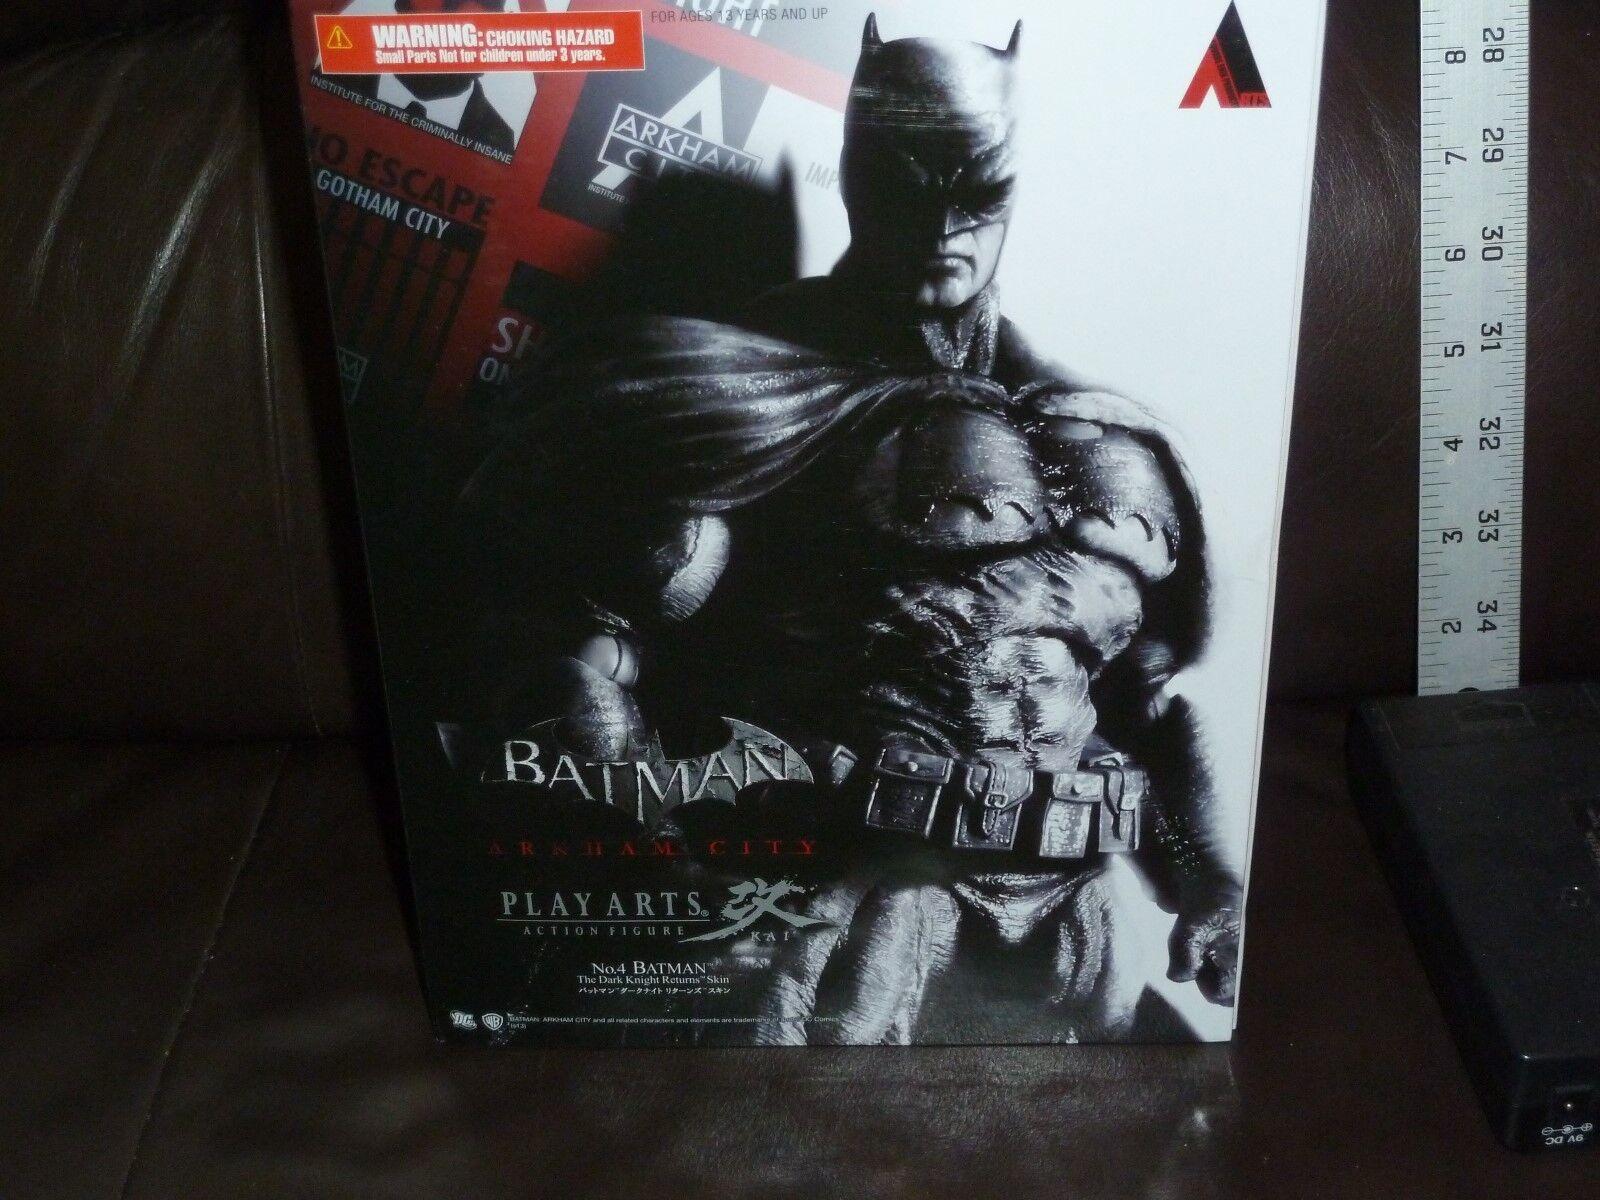 BATMAN ARKHAM CITY no4 BATMAN 9 INCH PLAY ARTS KAI ACTION FIGURE SQUARE ENIX